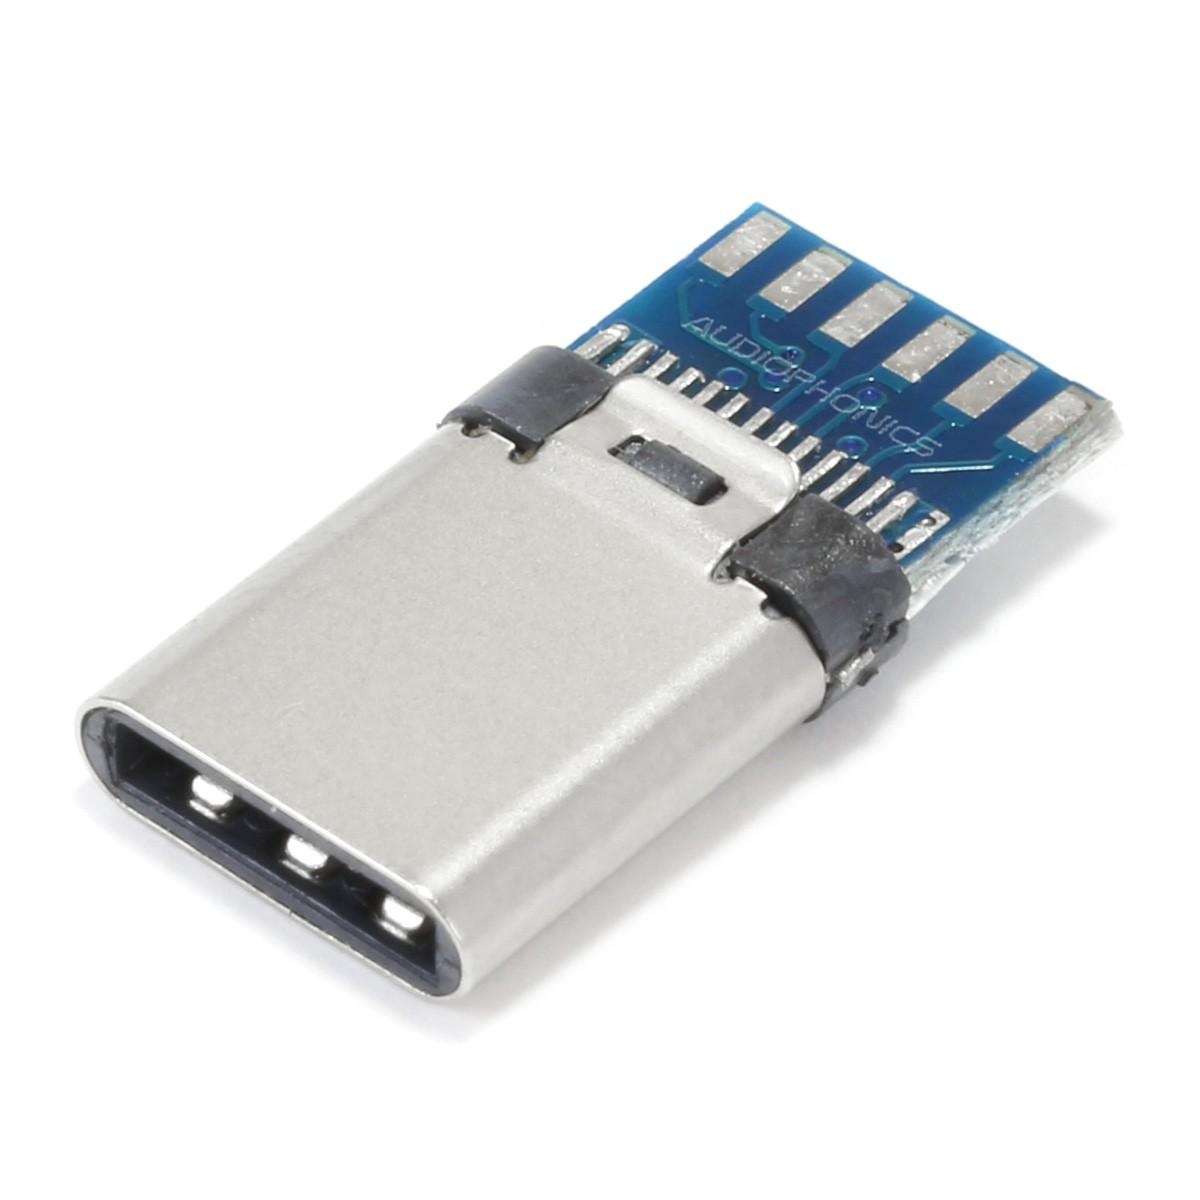 Connecteur USB-C 3.1 Mâle DIY OTG